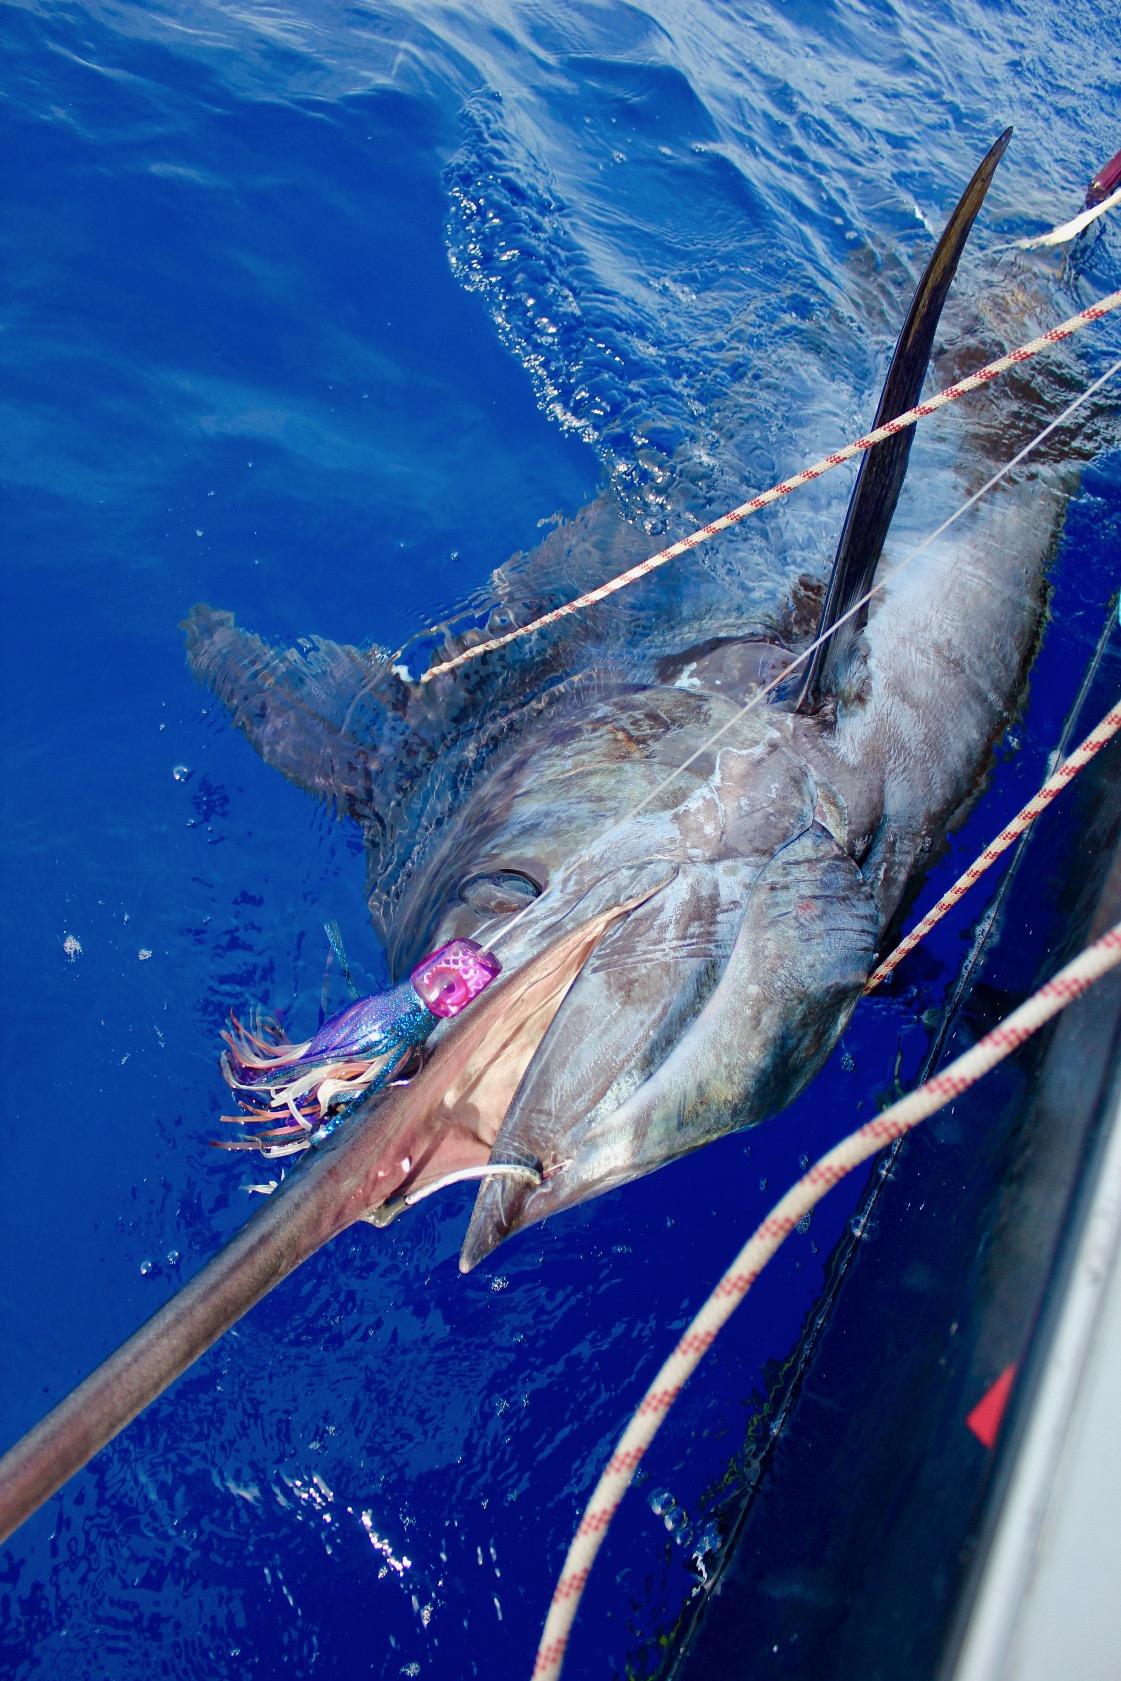 peche au gros - marlin bleu 800 lbs